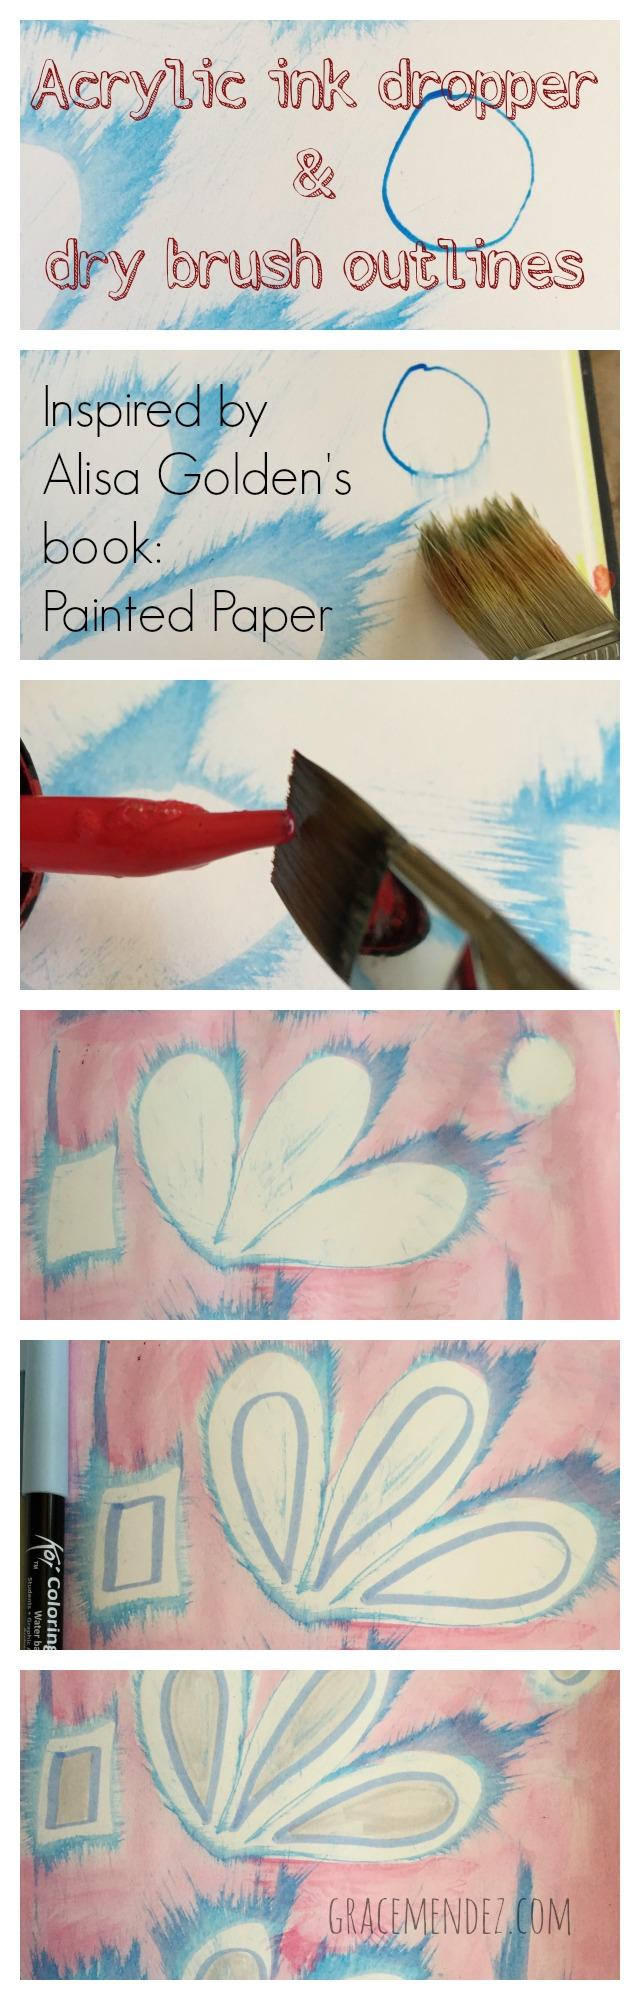 Painted Paper Grace Mendez